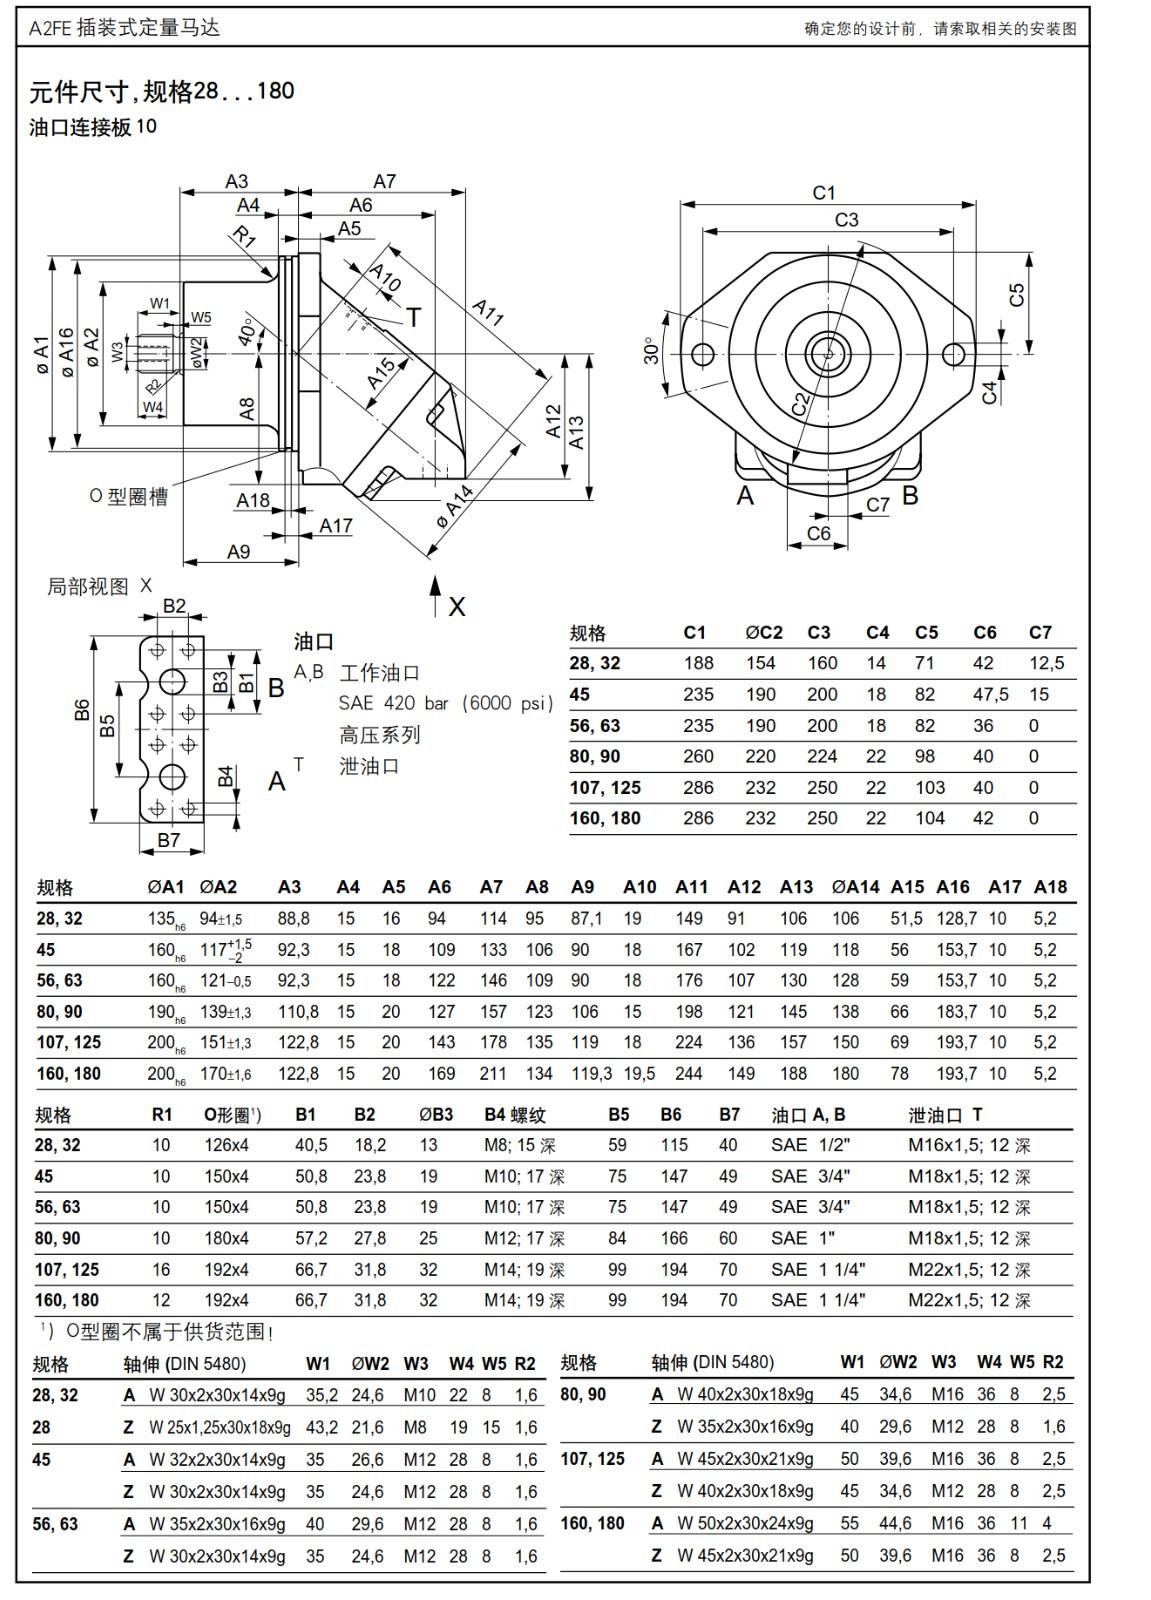 A2FE�炔囟�量泵|A2F柱塞泵/�R�_-湖北恒帆�_液�涸O�溆邢薰�司